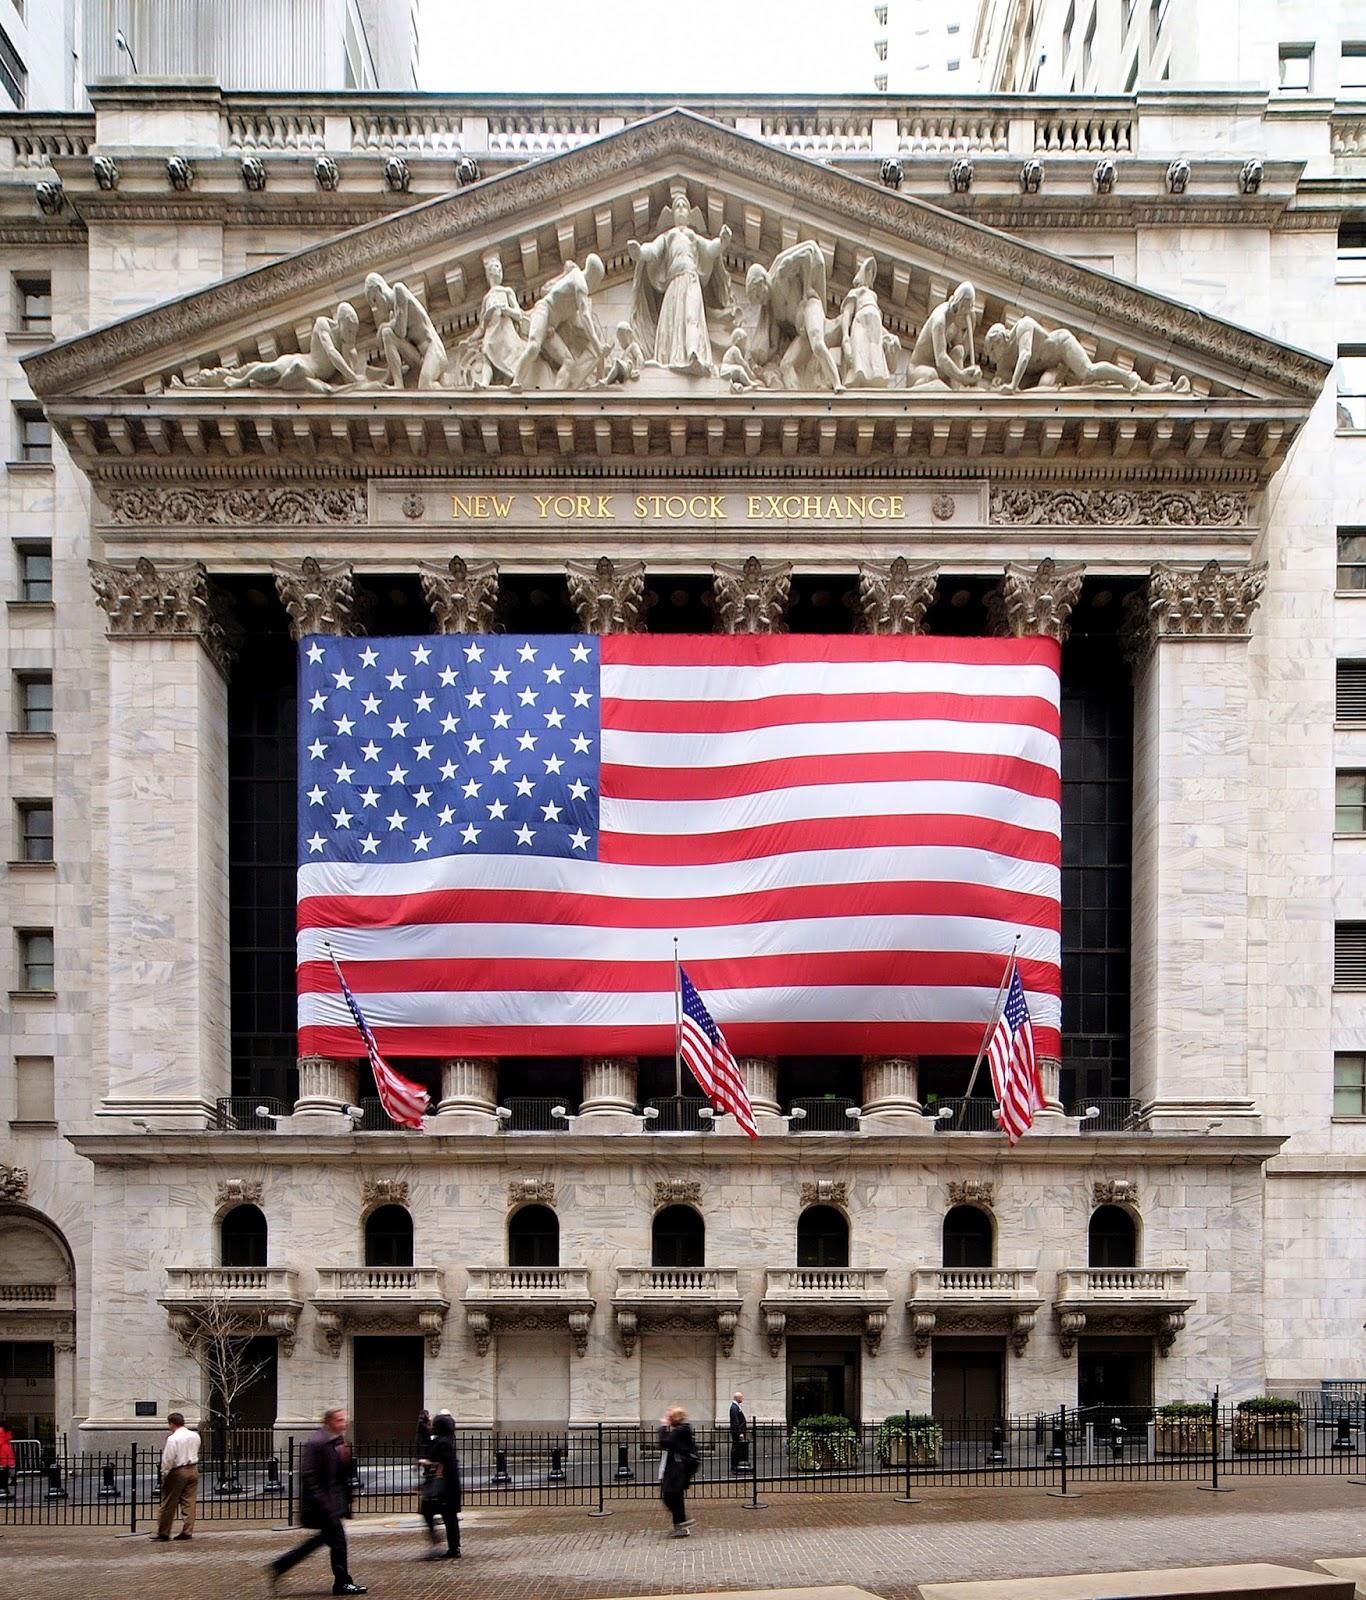 Esas transacciones se llevan a cabo en un edificio específico de Wall Street, la calle principal del distrito financiero de Nueva York: el NYSE o New York Stock Exchange, conocido también como.